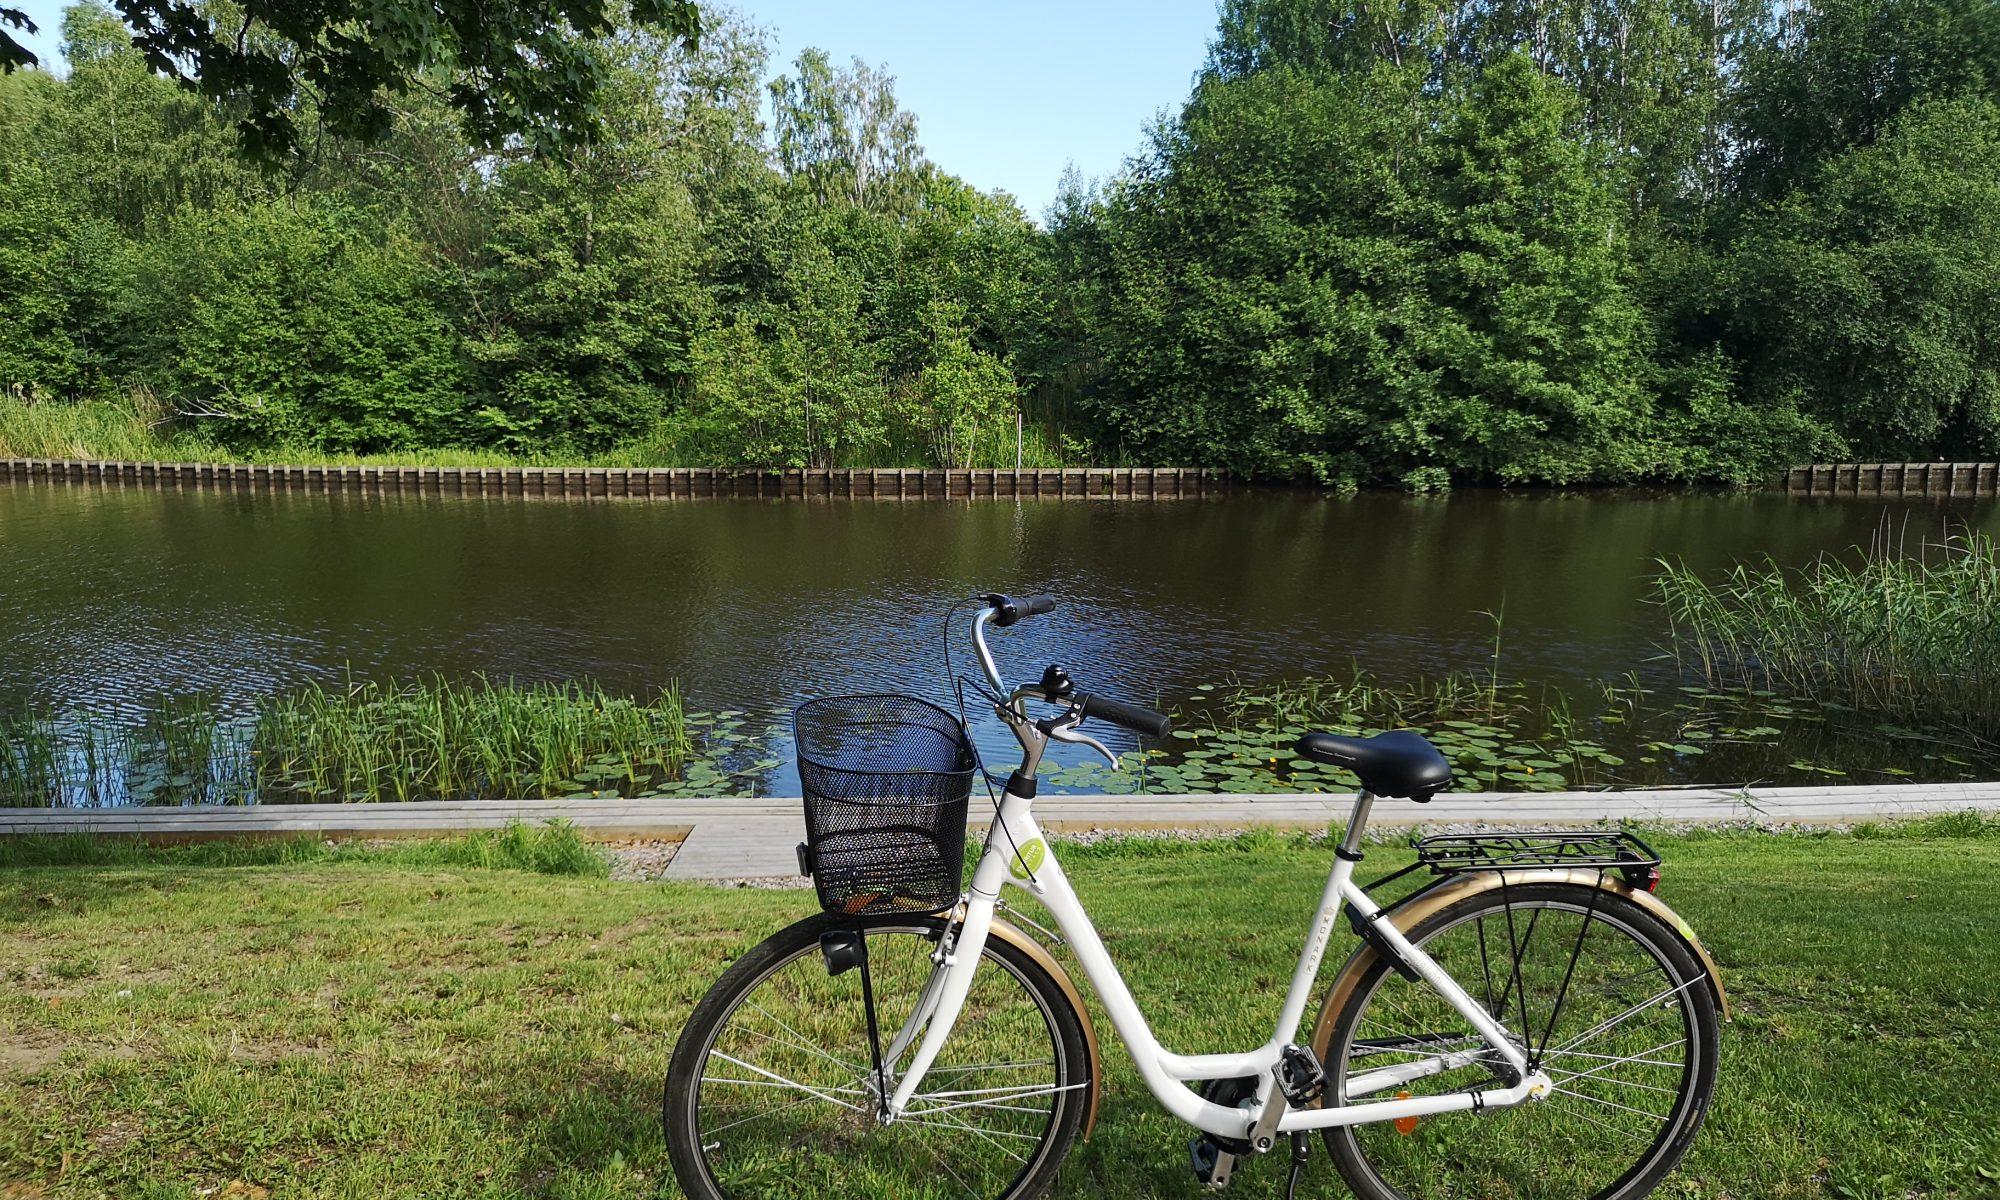 Monark damcykel vid Svartån i Örebro